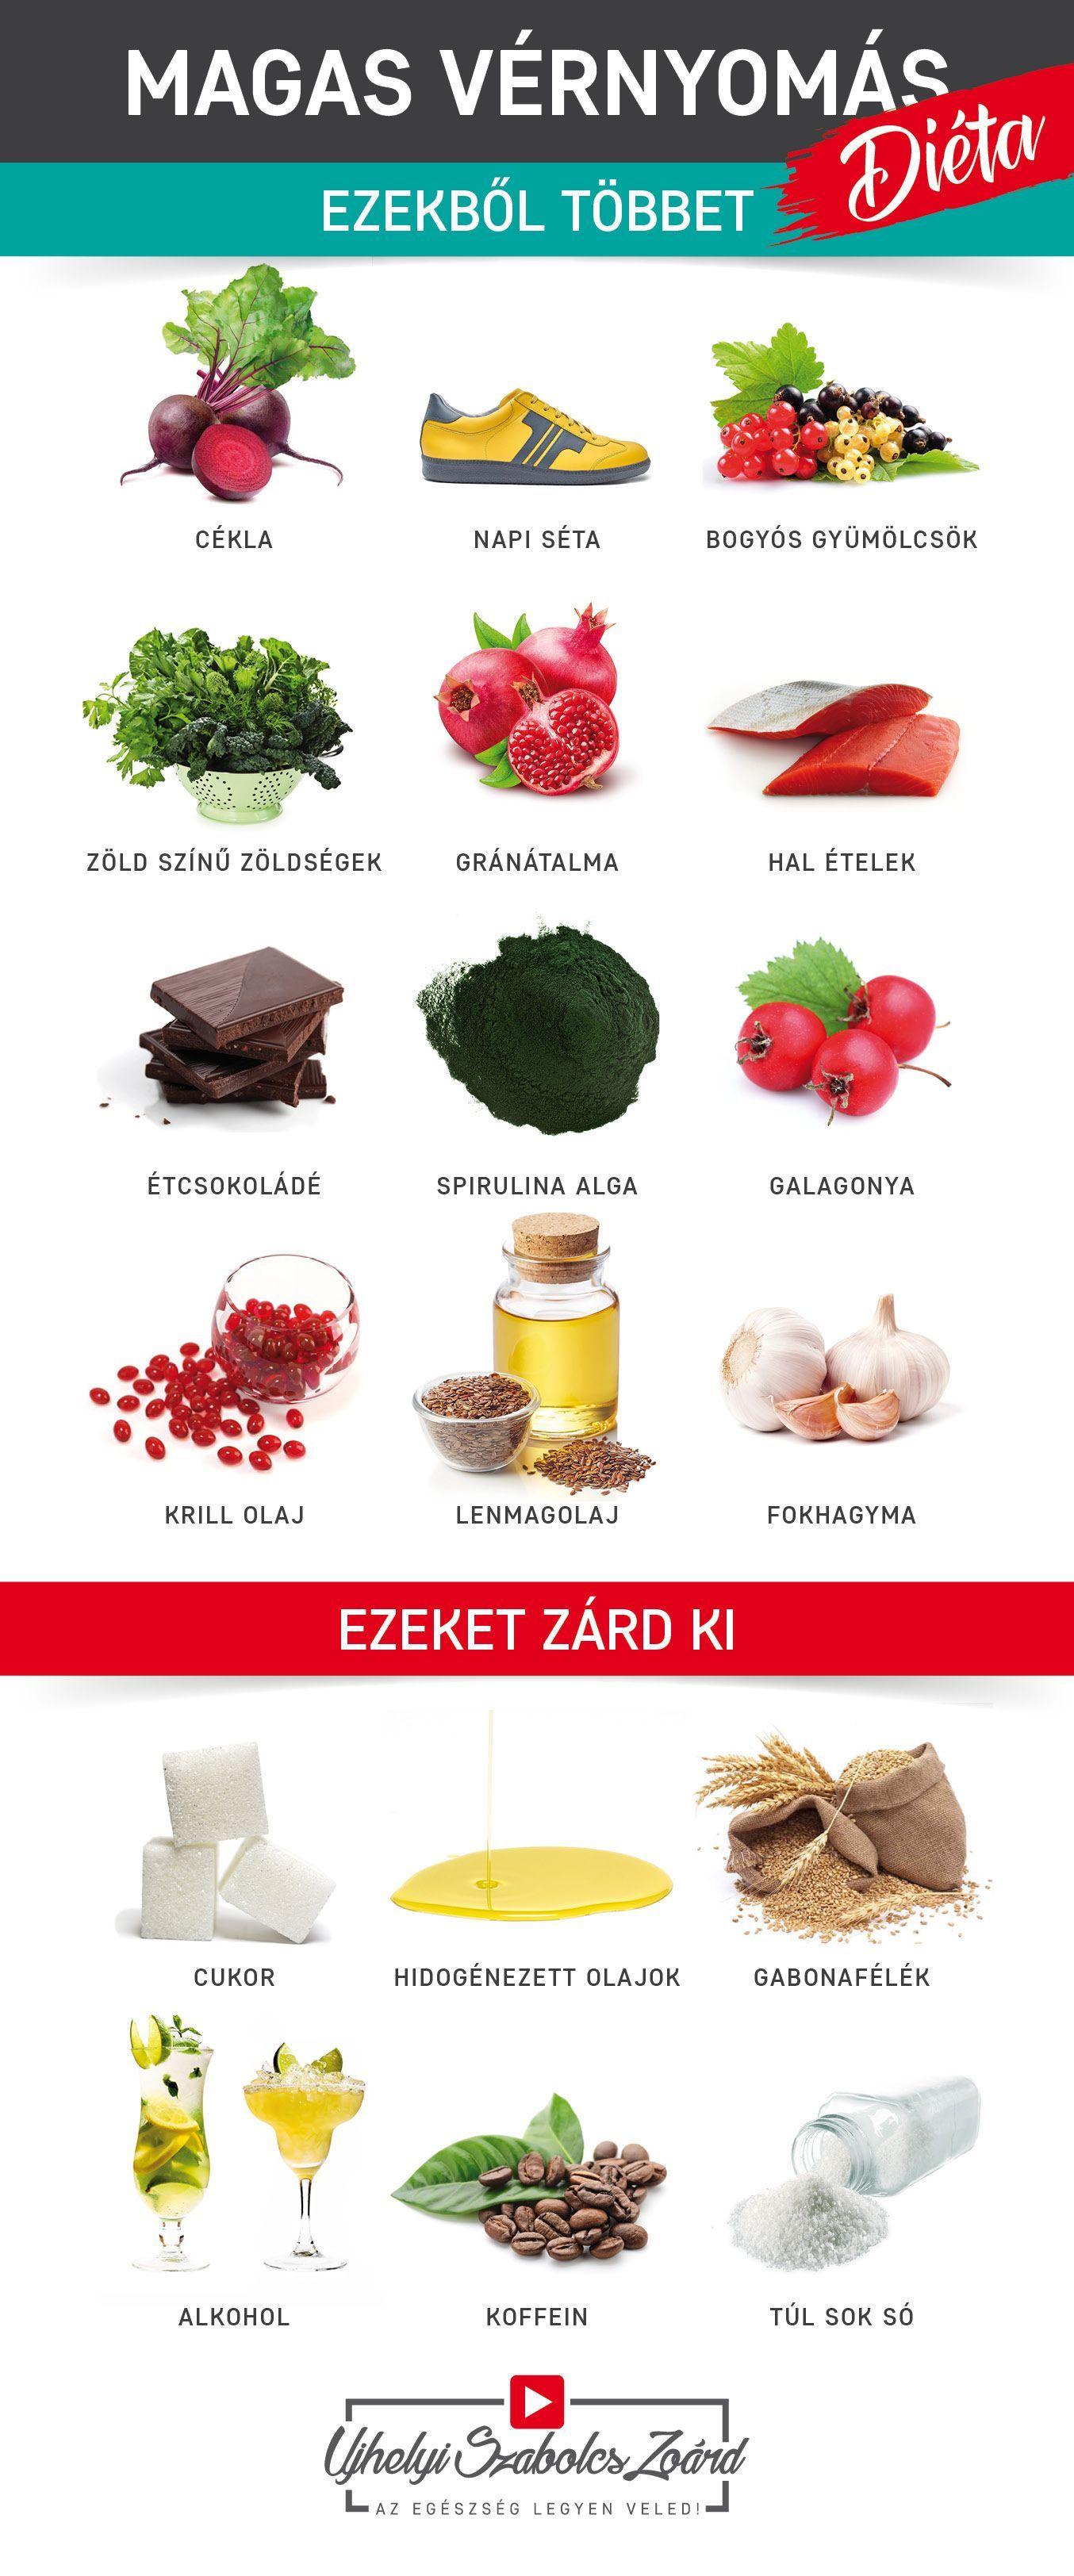 magas vérnyomás egészséges étel és nem egészséges